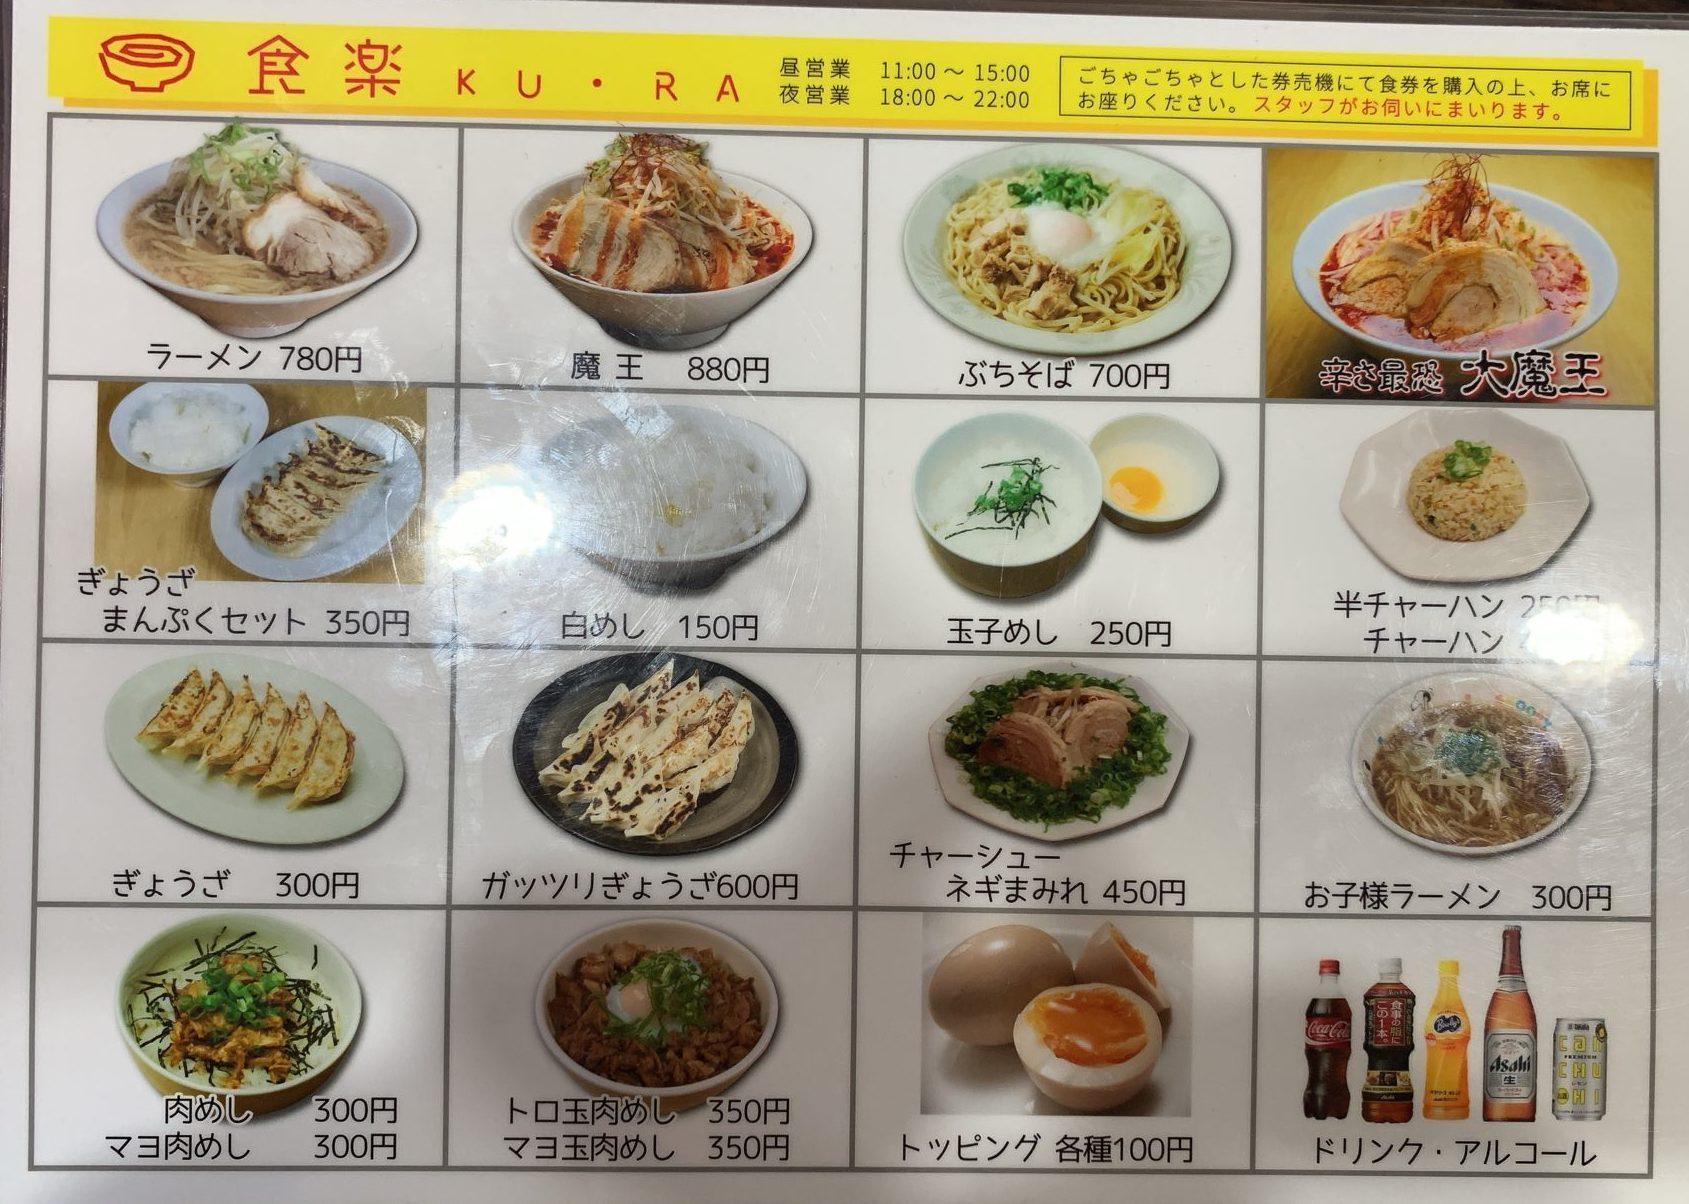 食楽メニュー2